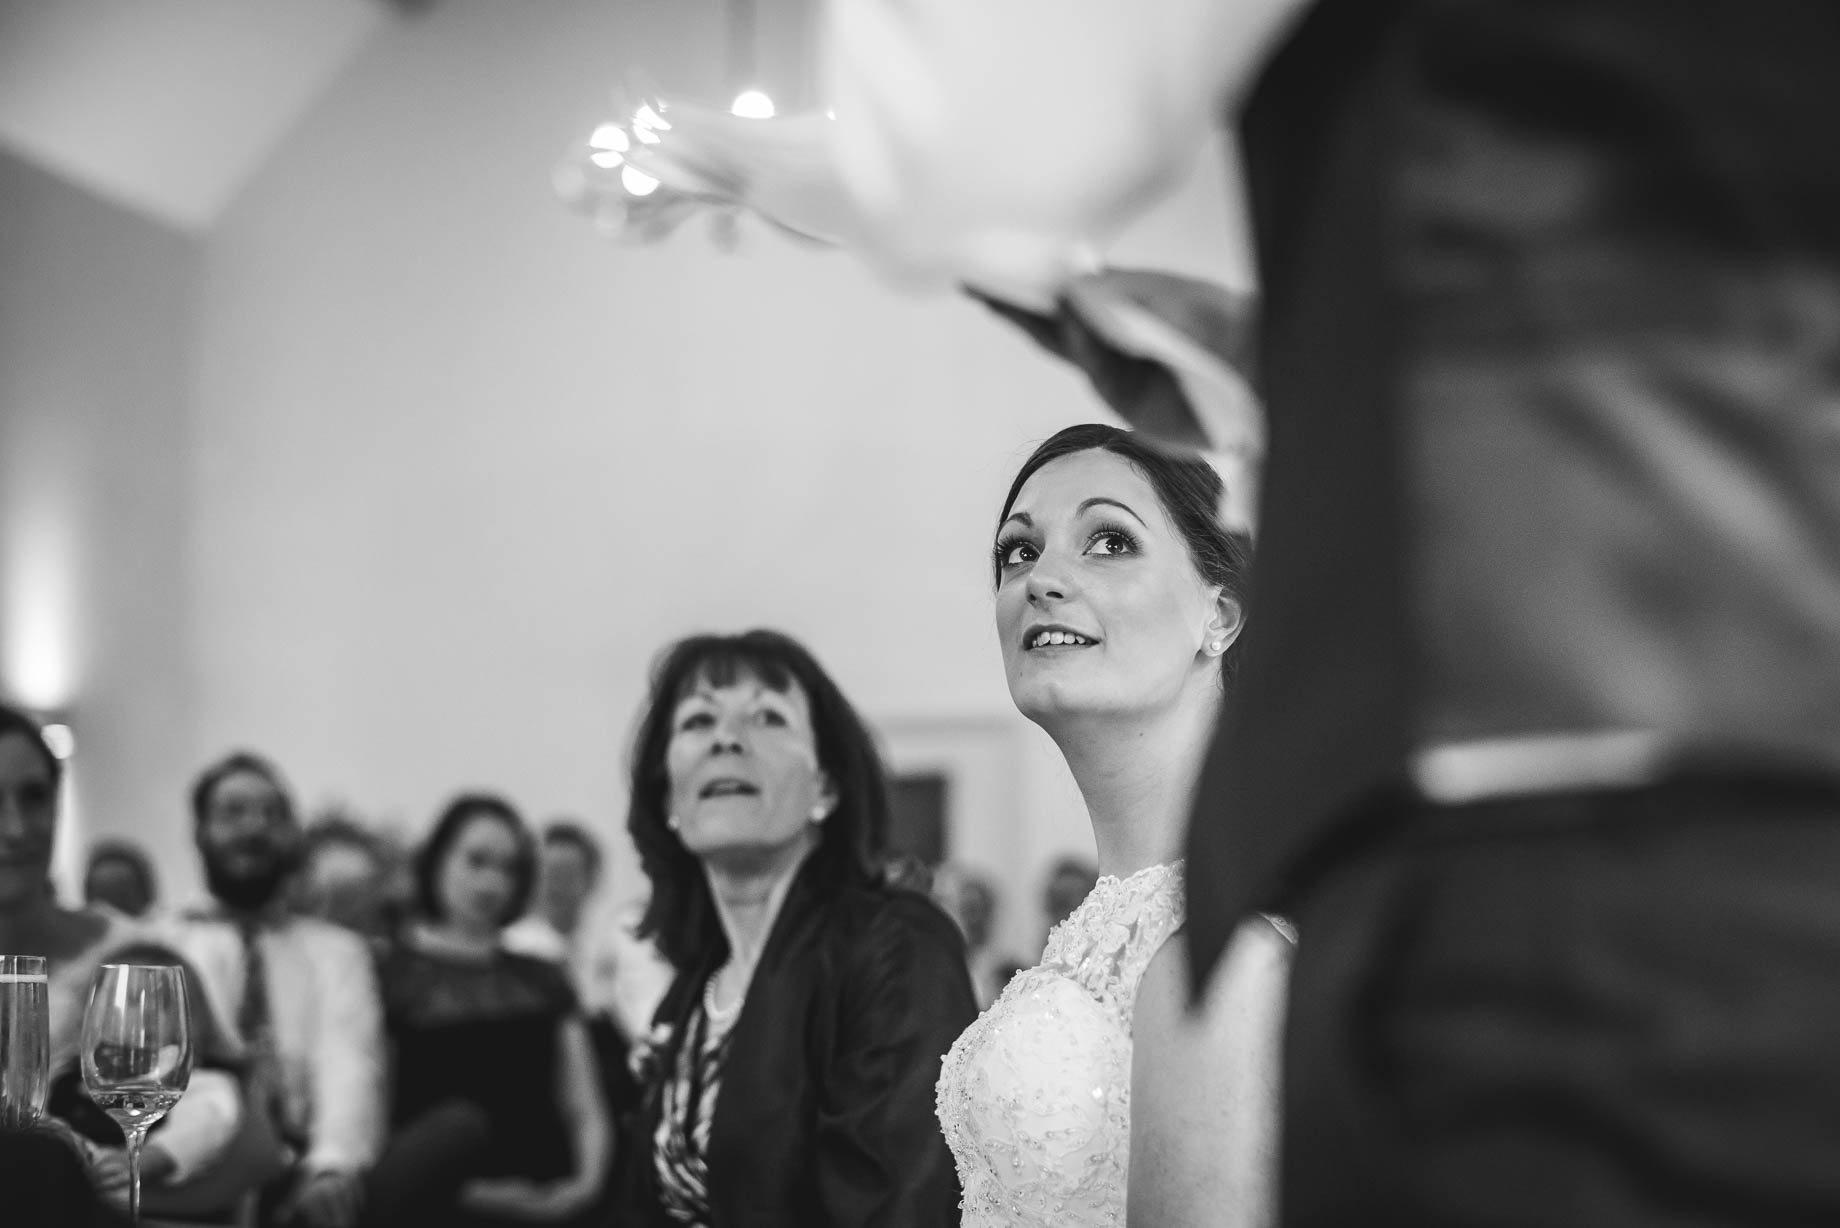 Millbridge Court Wedding Photography - Lisa and Daniel (143 of 173)